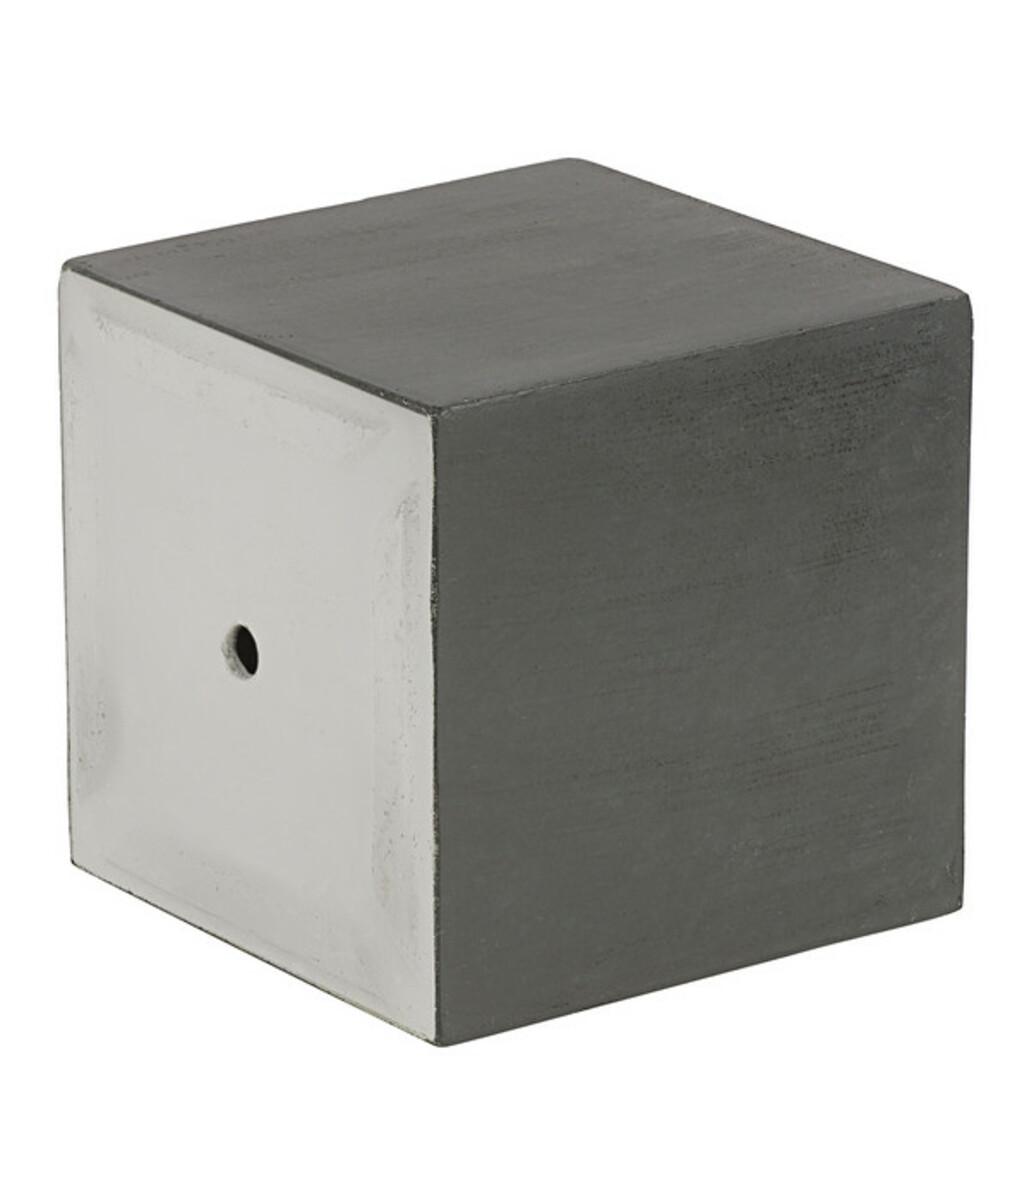 Bild 5 von Dehner Leichtbeton-Topf Clayfibre, quadratisch, graphit